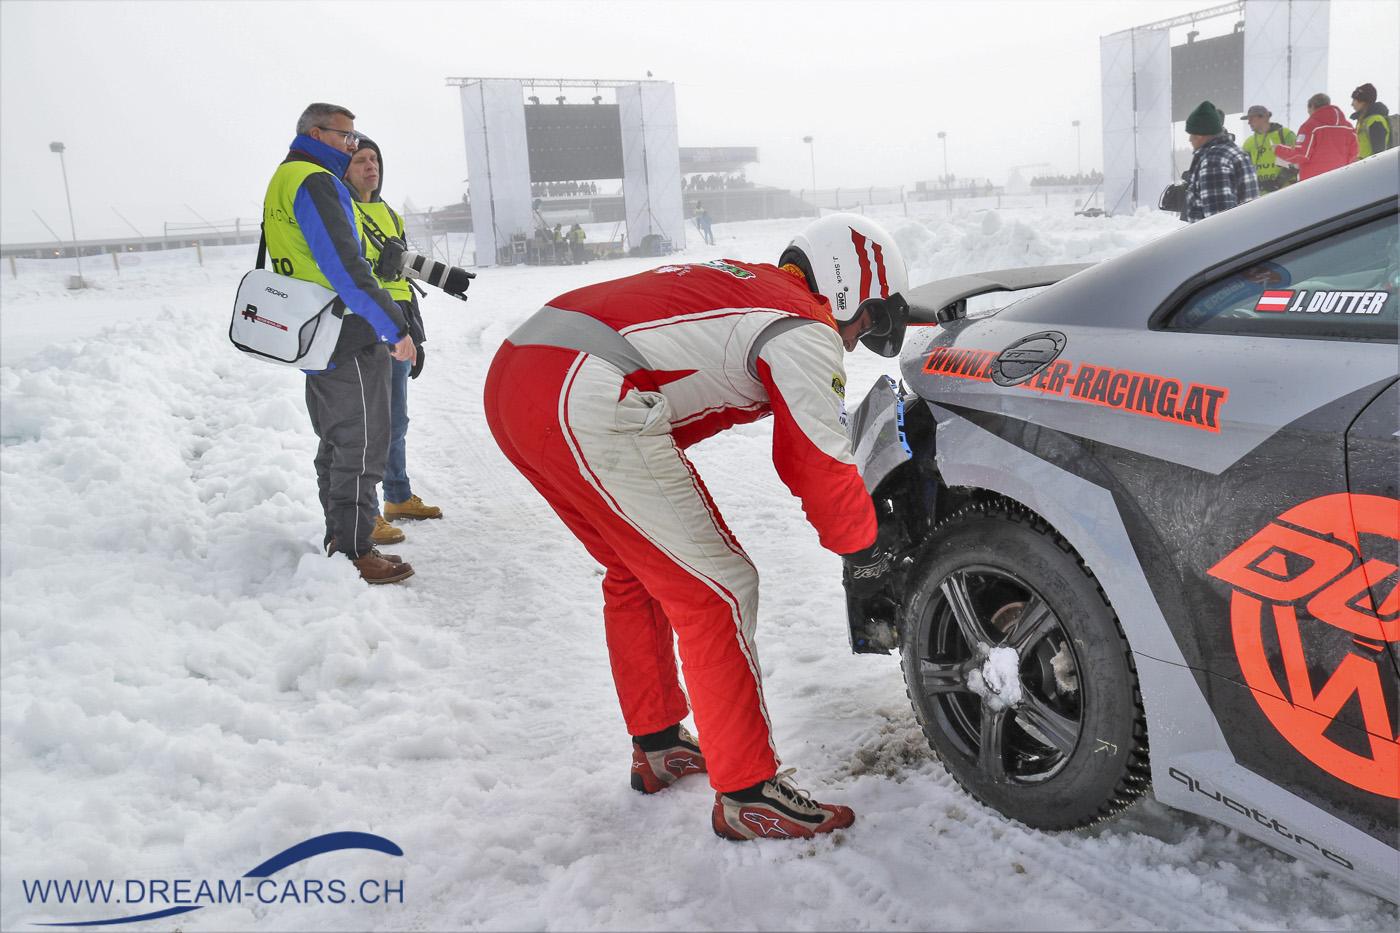 GP Ice Race, Zell am See, 1. und 2. Februar 2020. Der Audi TT hat das 2. GP Ice Race nicht unbeschadet überstanden.